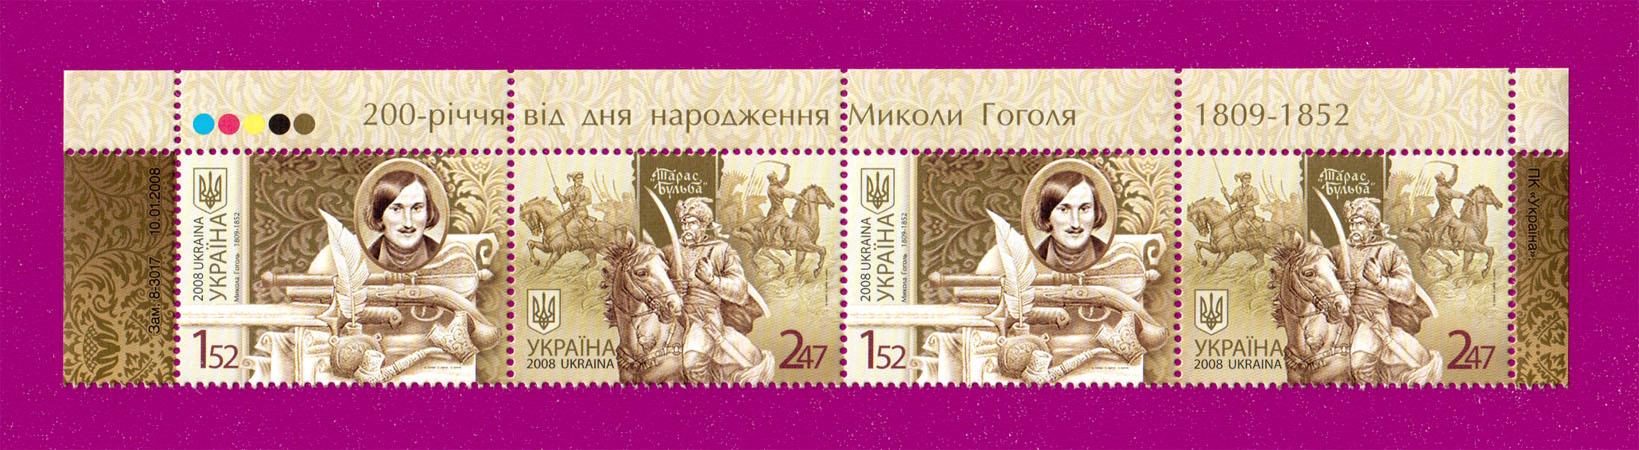 2008 часть листа Николай Гоголь писатель ВЕРХ Украина